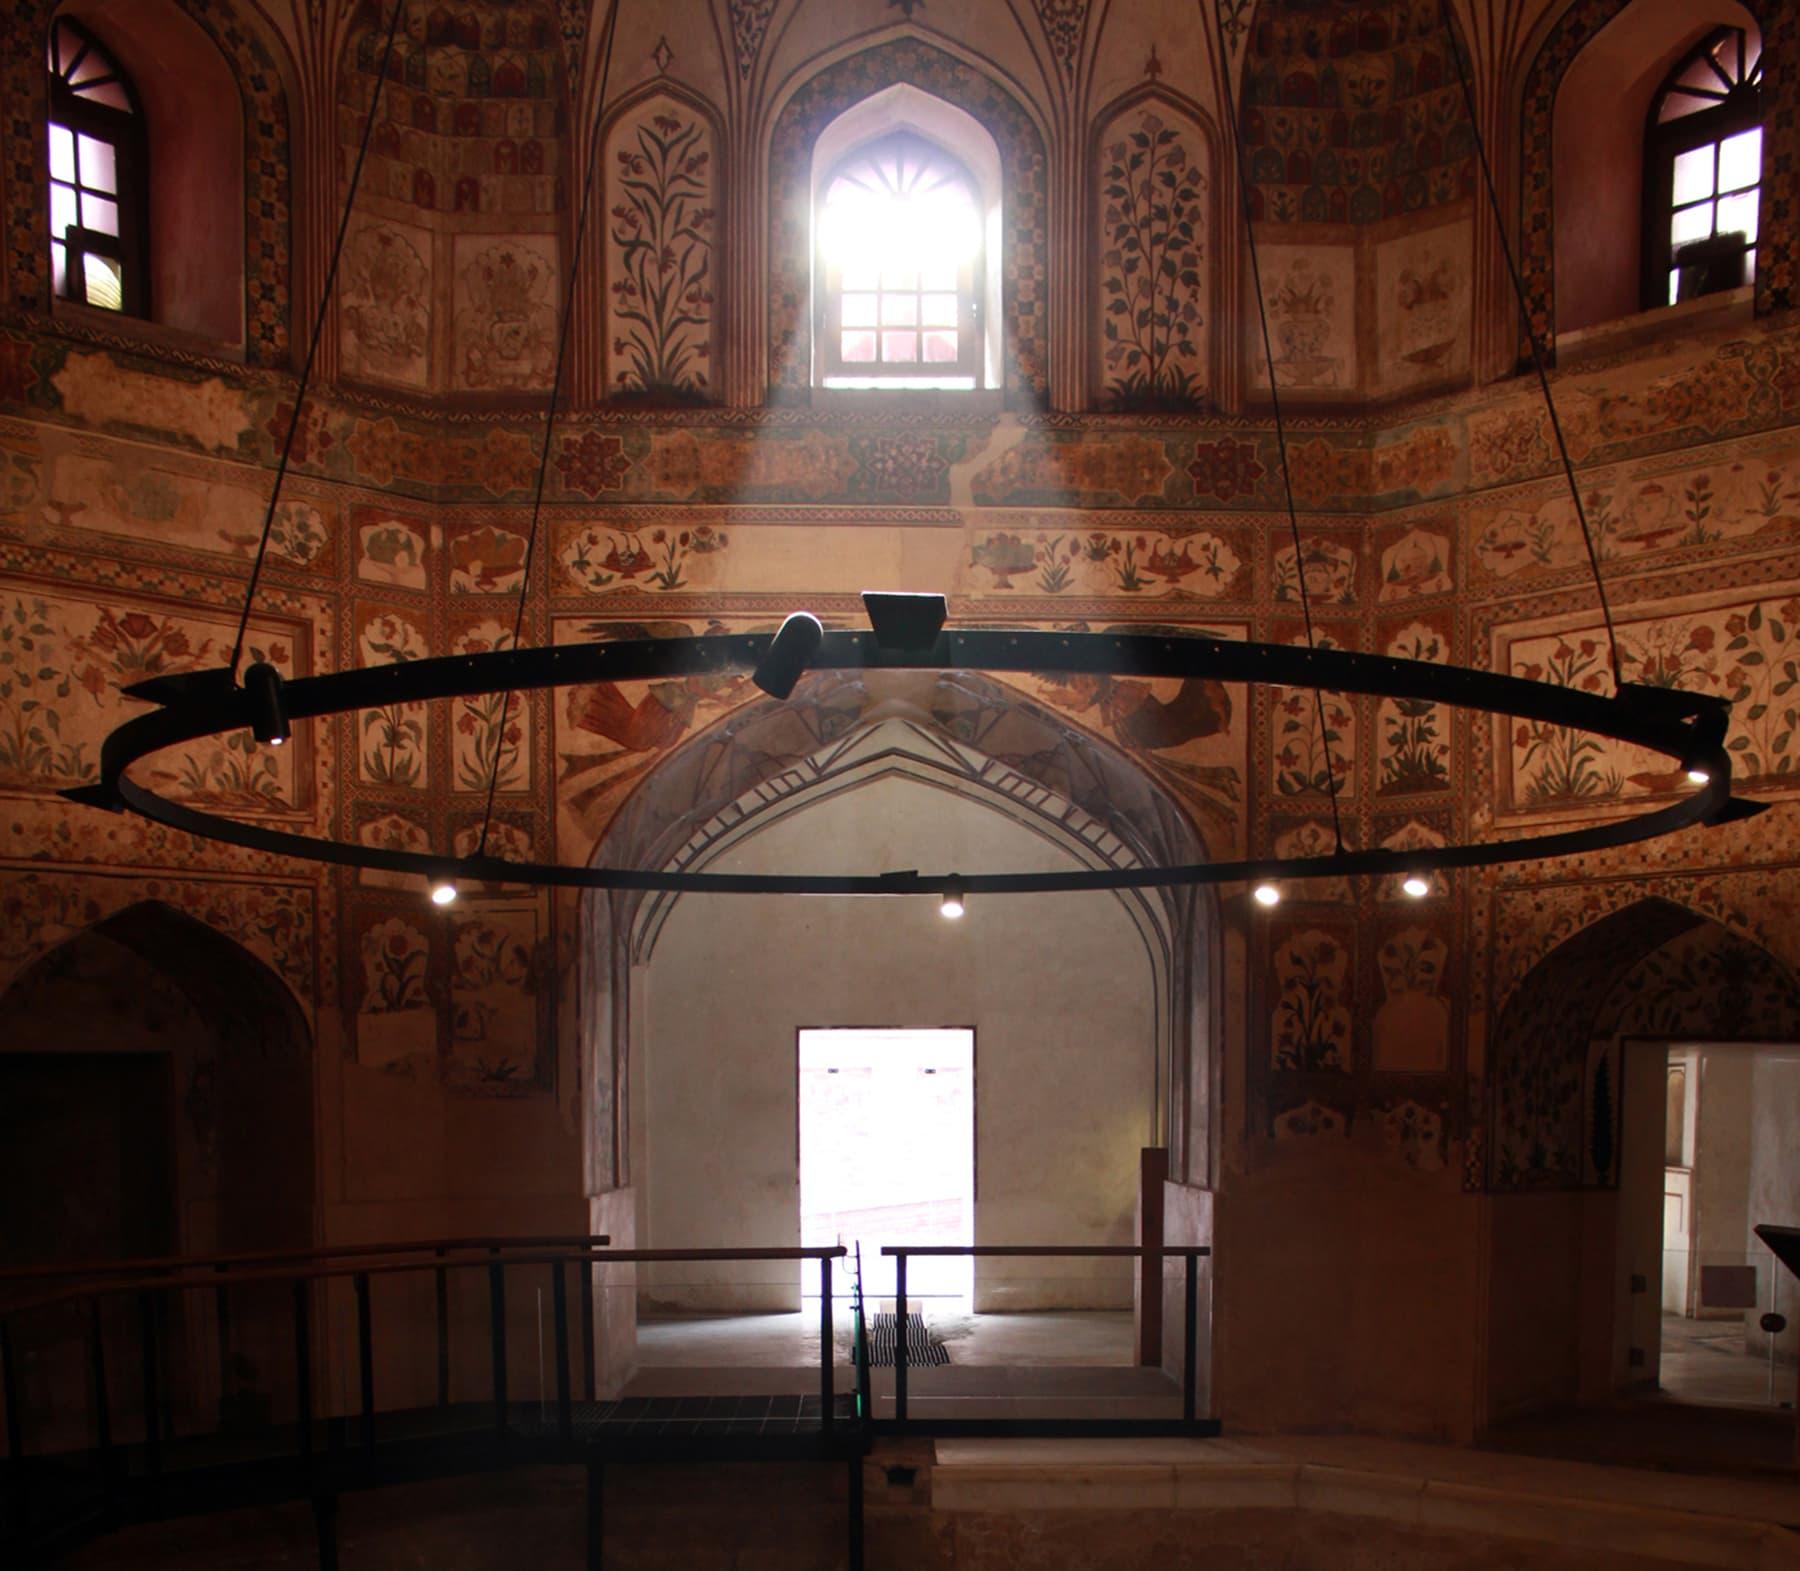 حمام وزیر خان لاہور—تصویر عبیداللہ کیہر